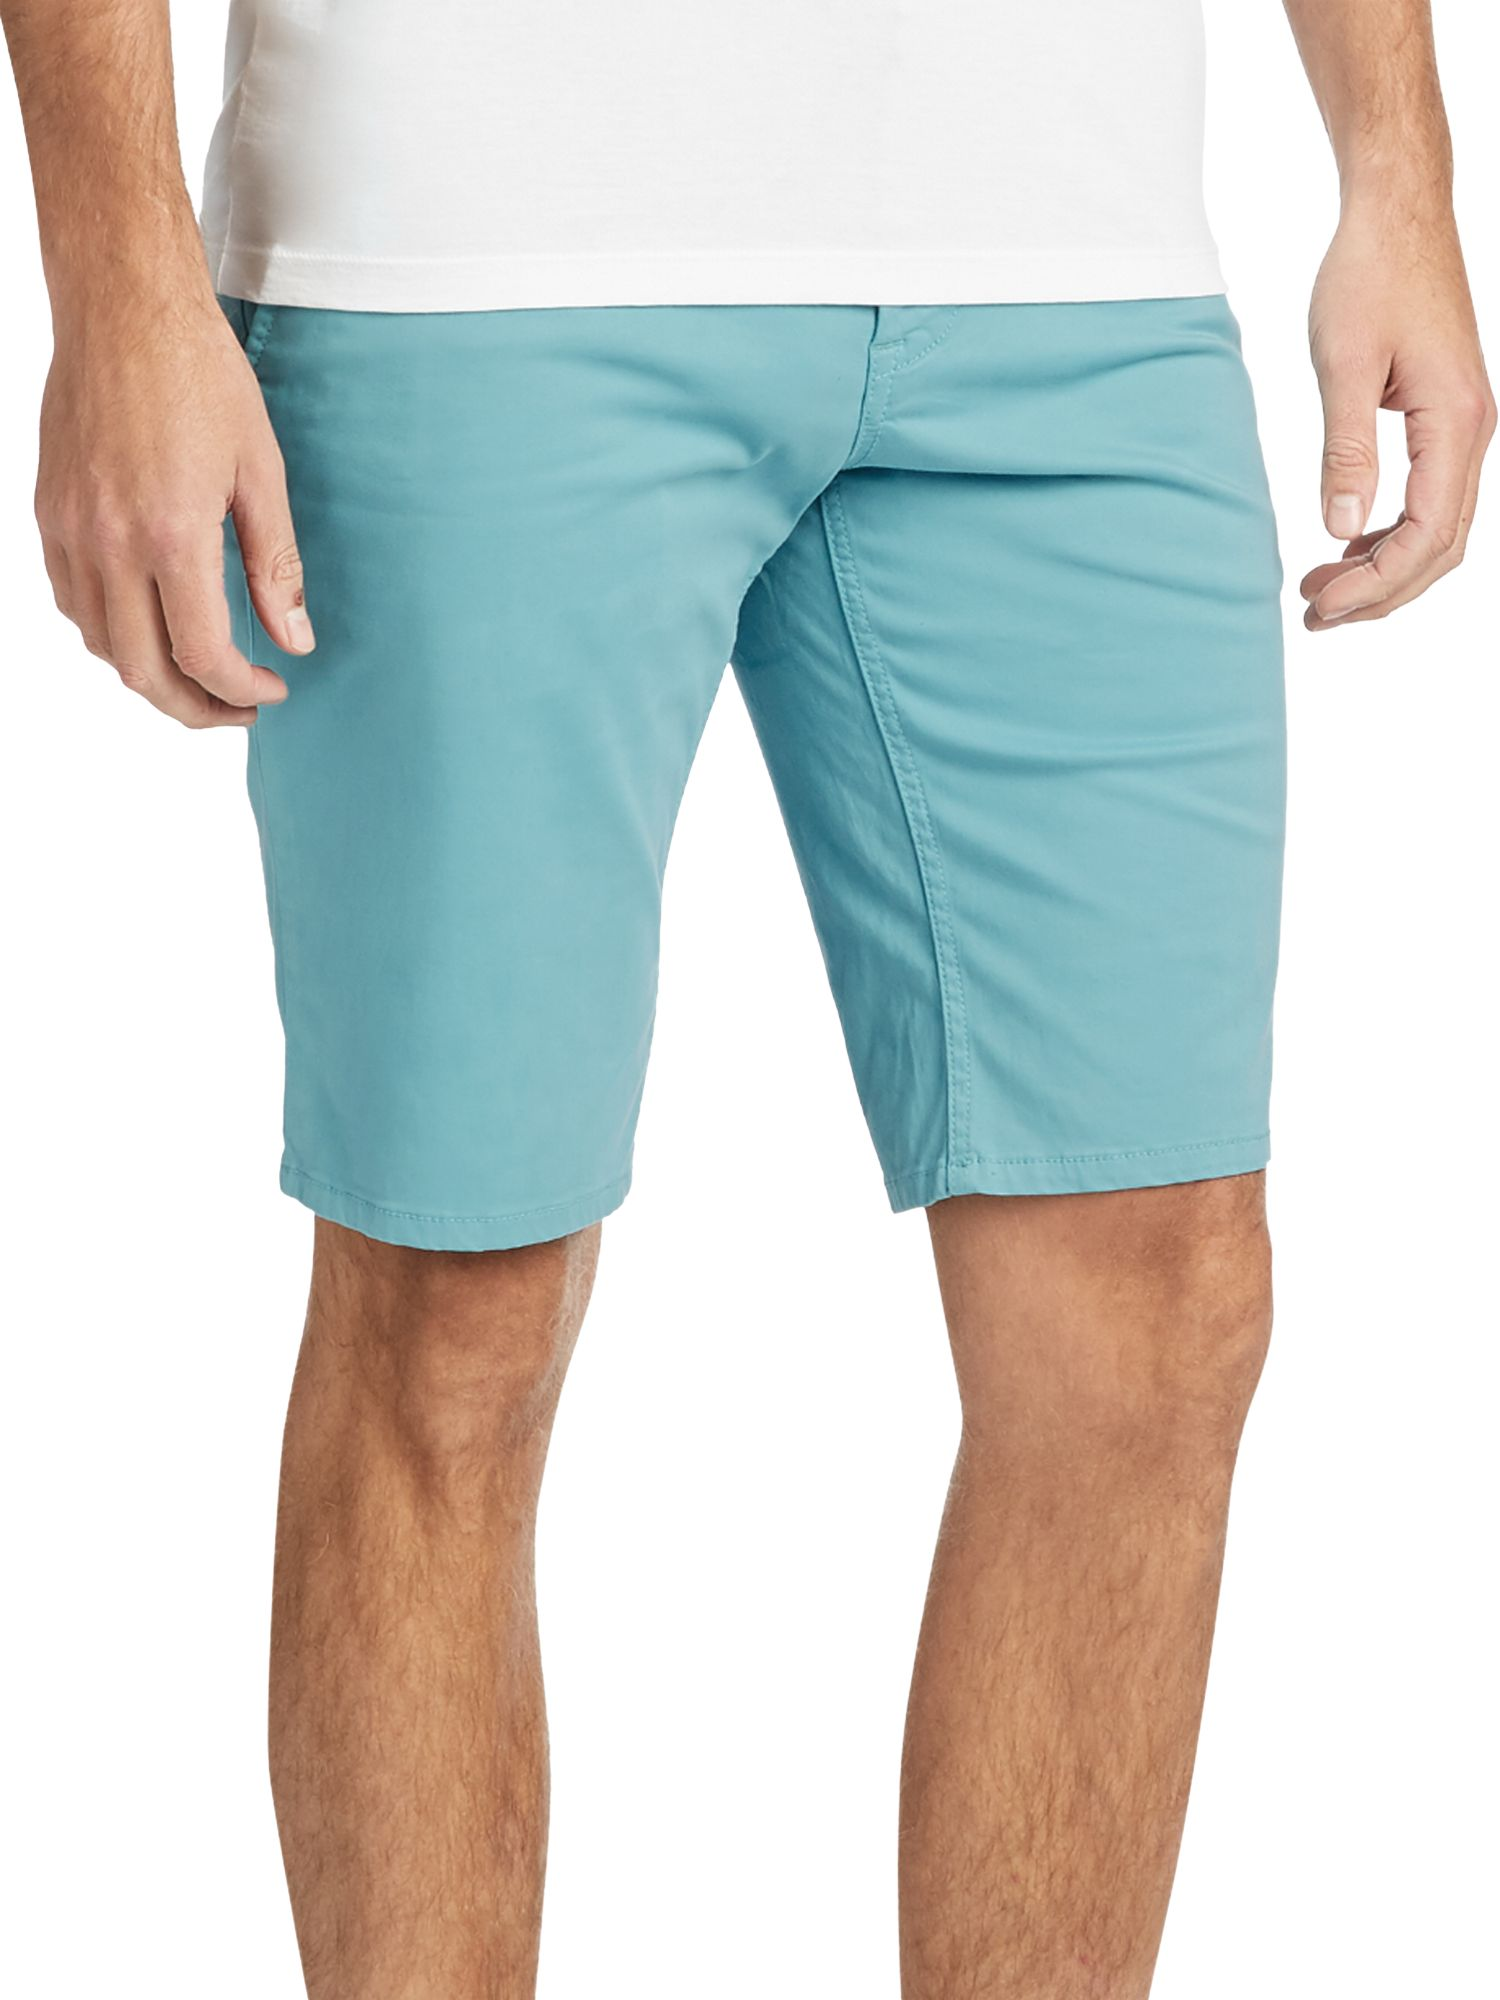 1029470c BOSS Schino Slim Fit Chino Shorts at John Lewis & Partners